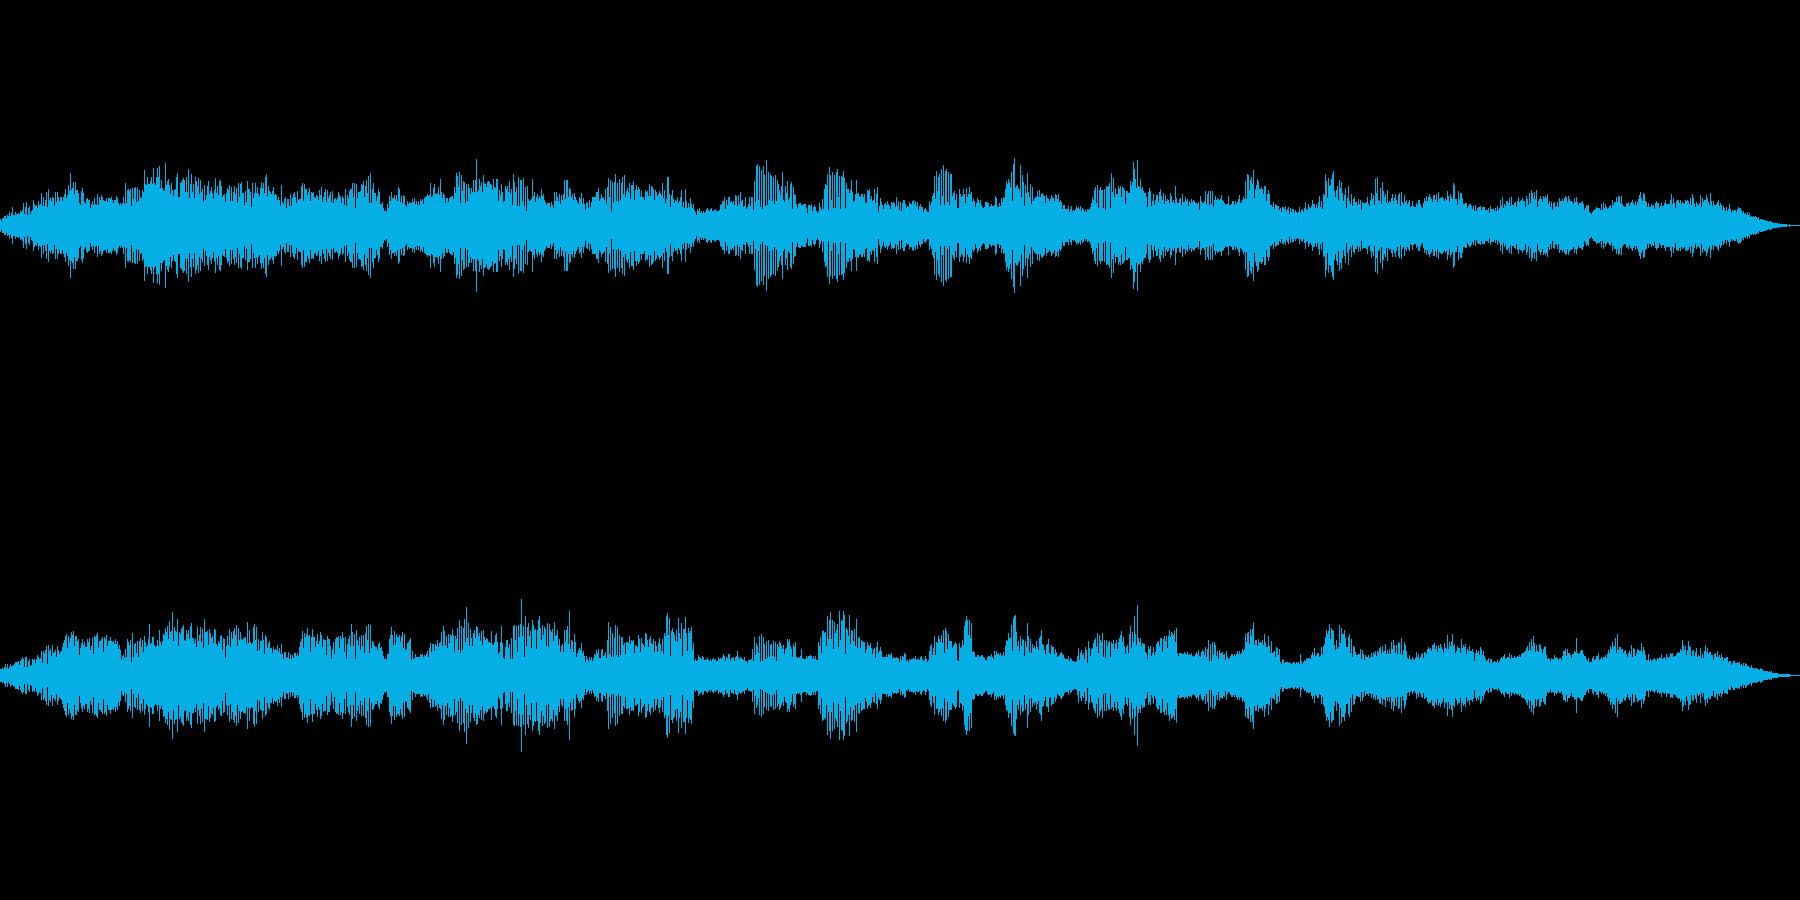 秋の虫鳴き声(環境音)の再生済みの波形